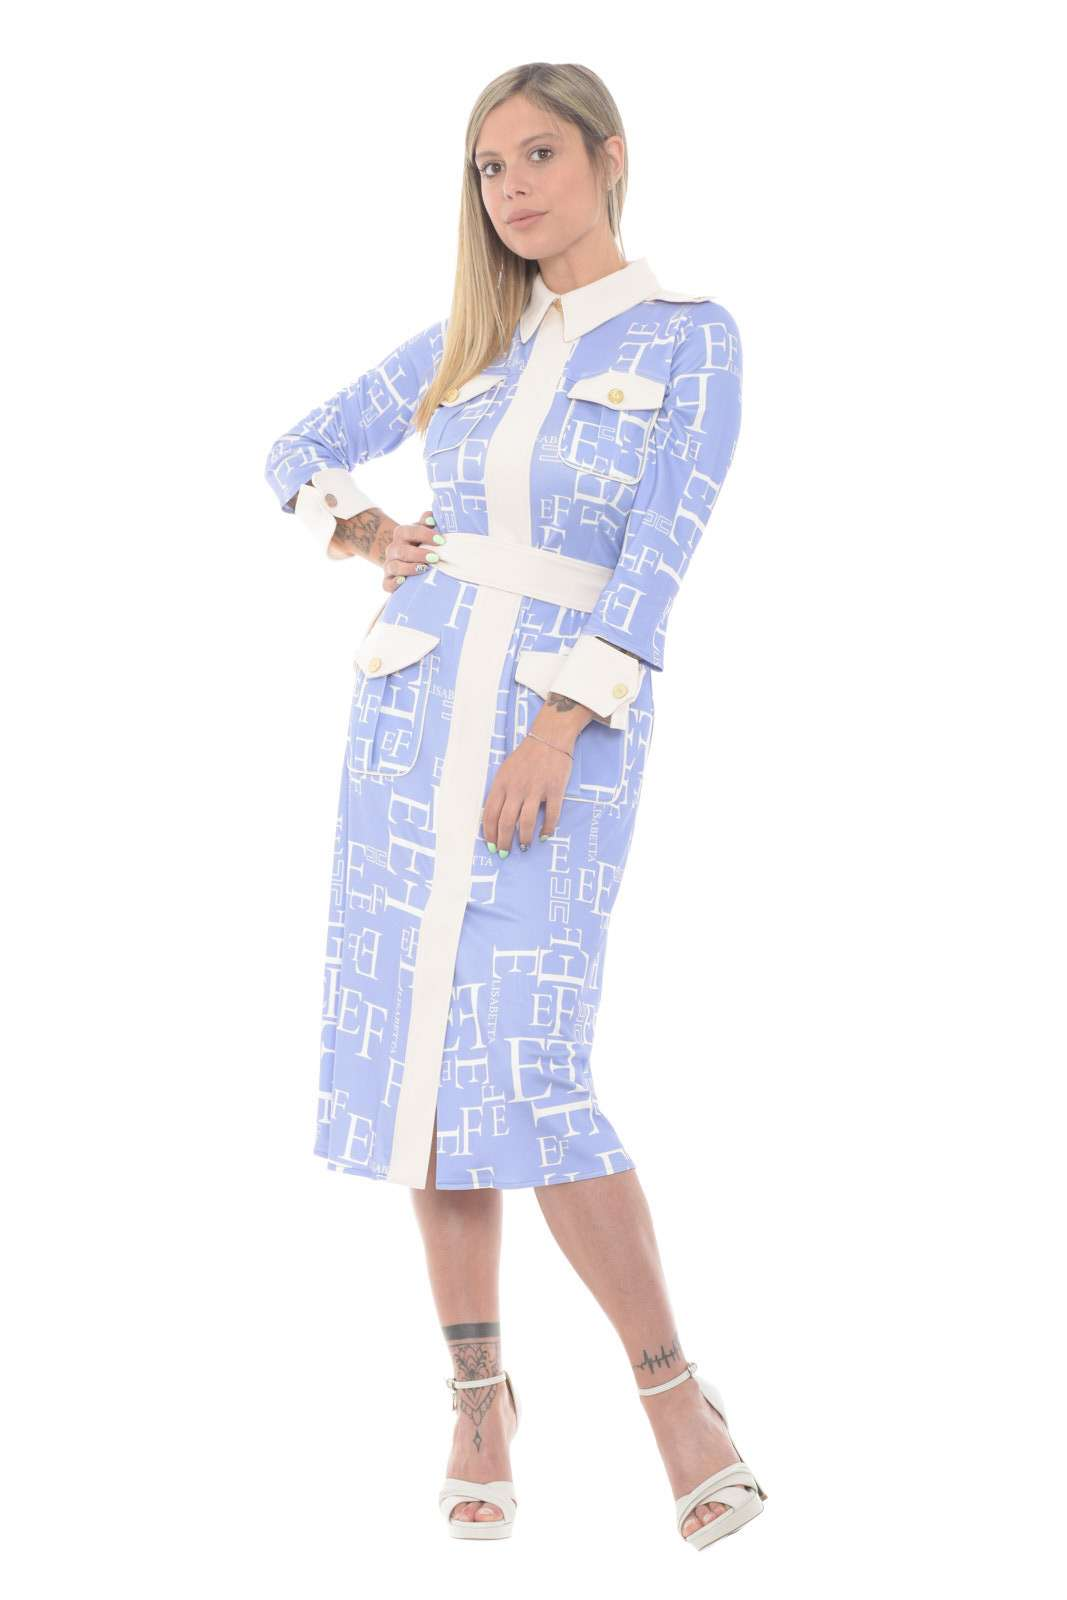 Un capo esclusivo, ricco di dettagli unici, quello proposto da Elisabetta Franchi per la sua nuova collezione. Da indossare per le tue occasioni più formali, dove una borsa e un tacco renderà di tendenza ogni look.